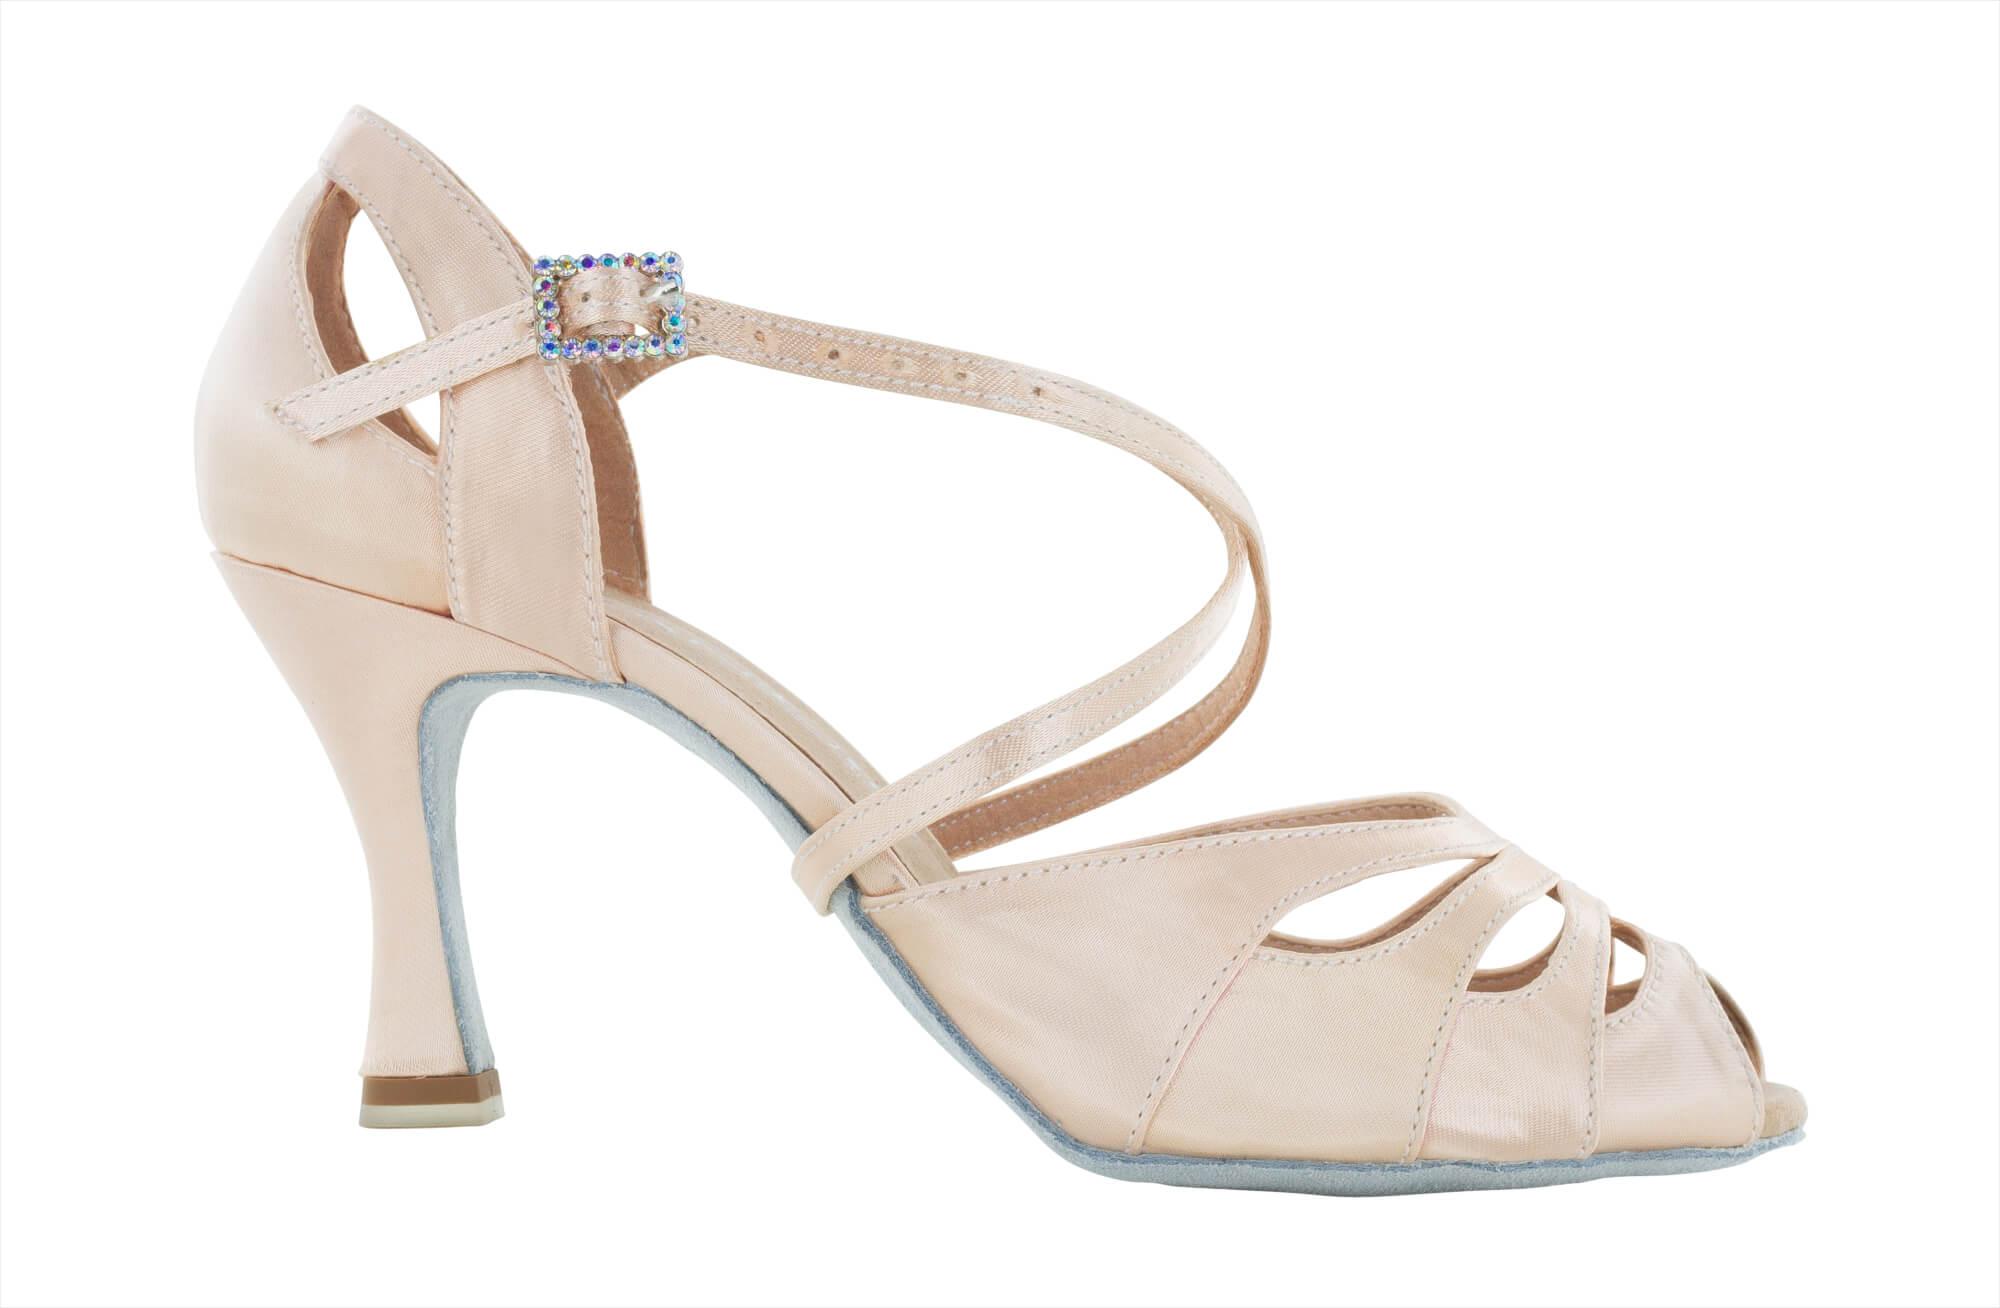 sulle immagini di piedi di 50-70% di sconto grandi affari sulla moda Open-toed Dancing shoes in face powder pink satin, heel 7,5 cm - Dancin  scarpe da ballo